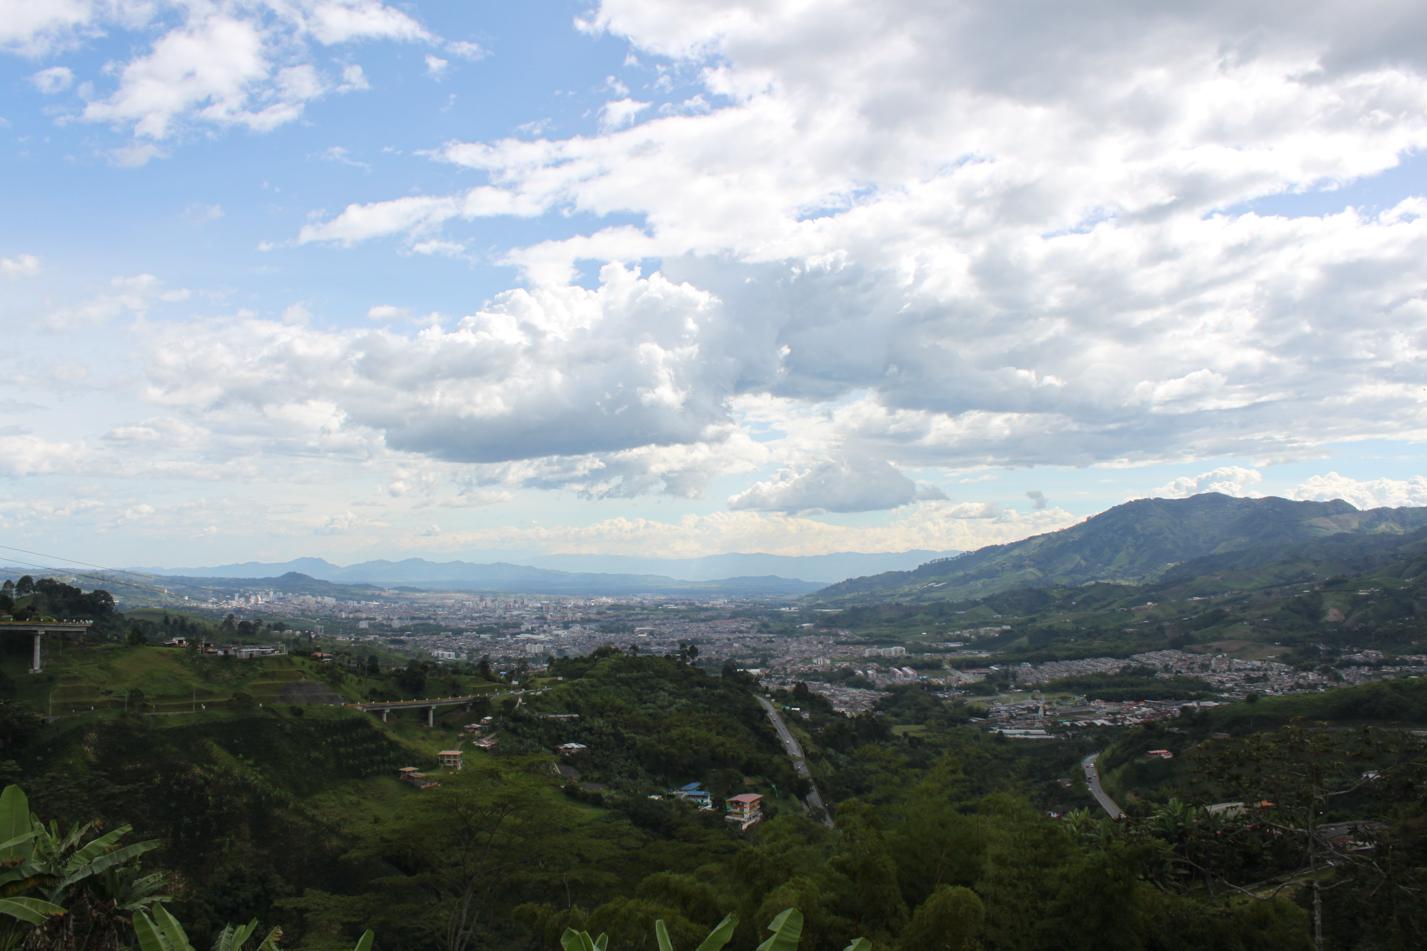 Blick über die Stadt Pereira.